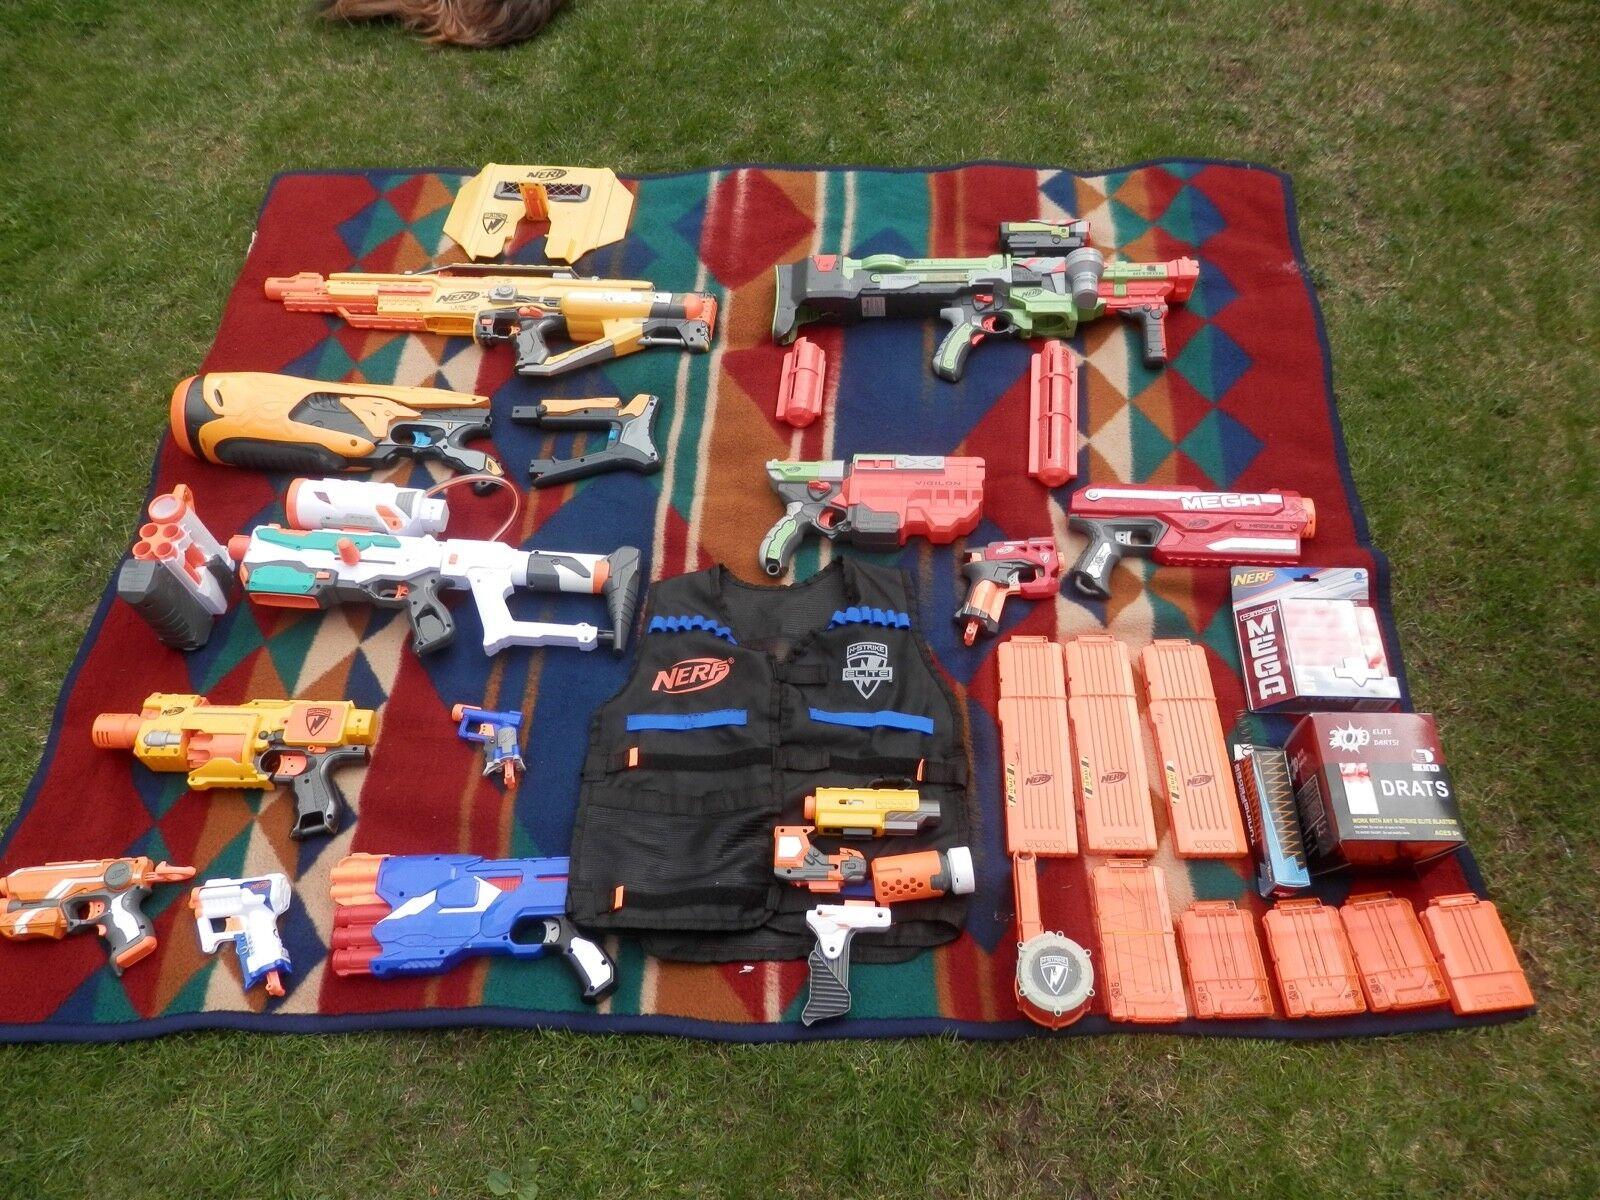 Nerf Sammlung, div. Modelle, zahlreiches Zubehör, viel Munition etc.